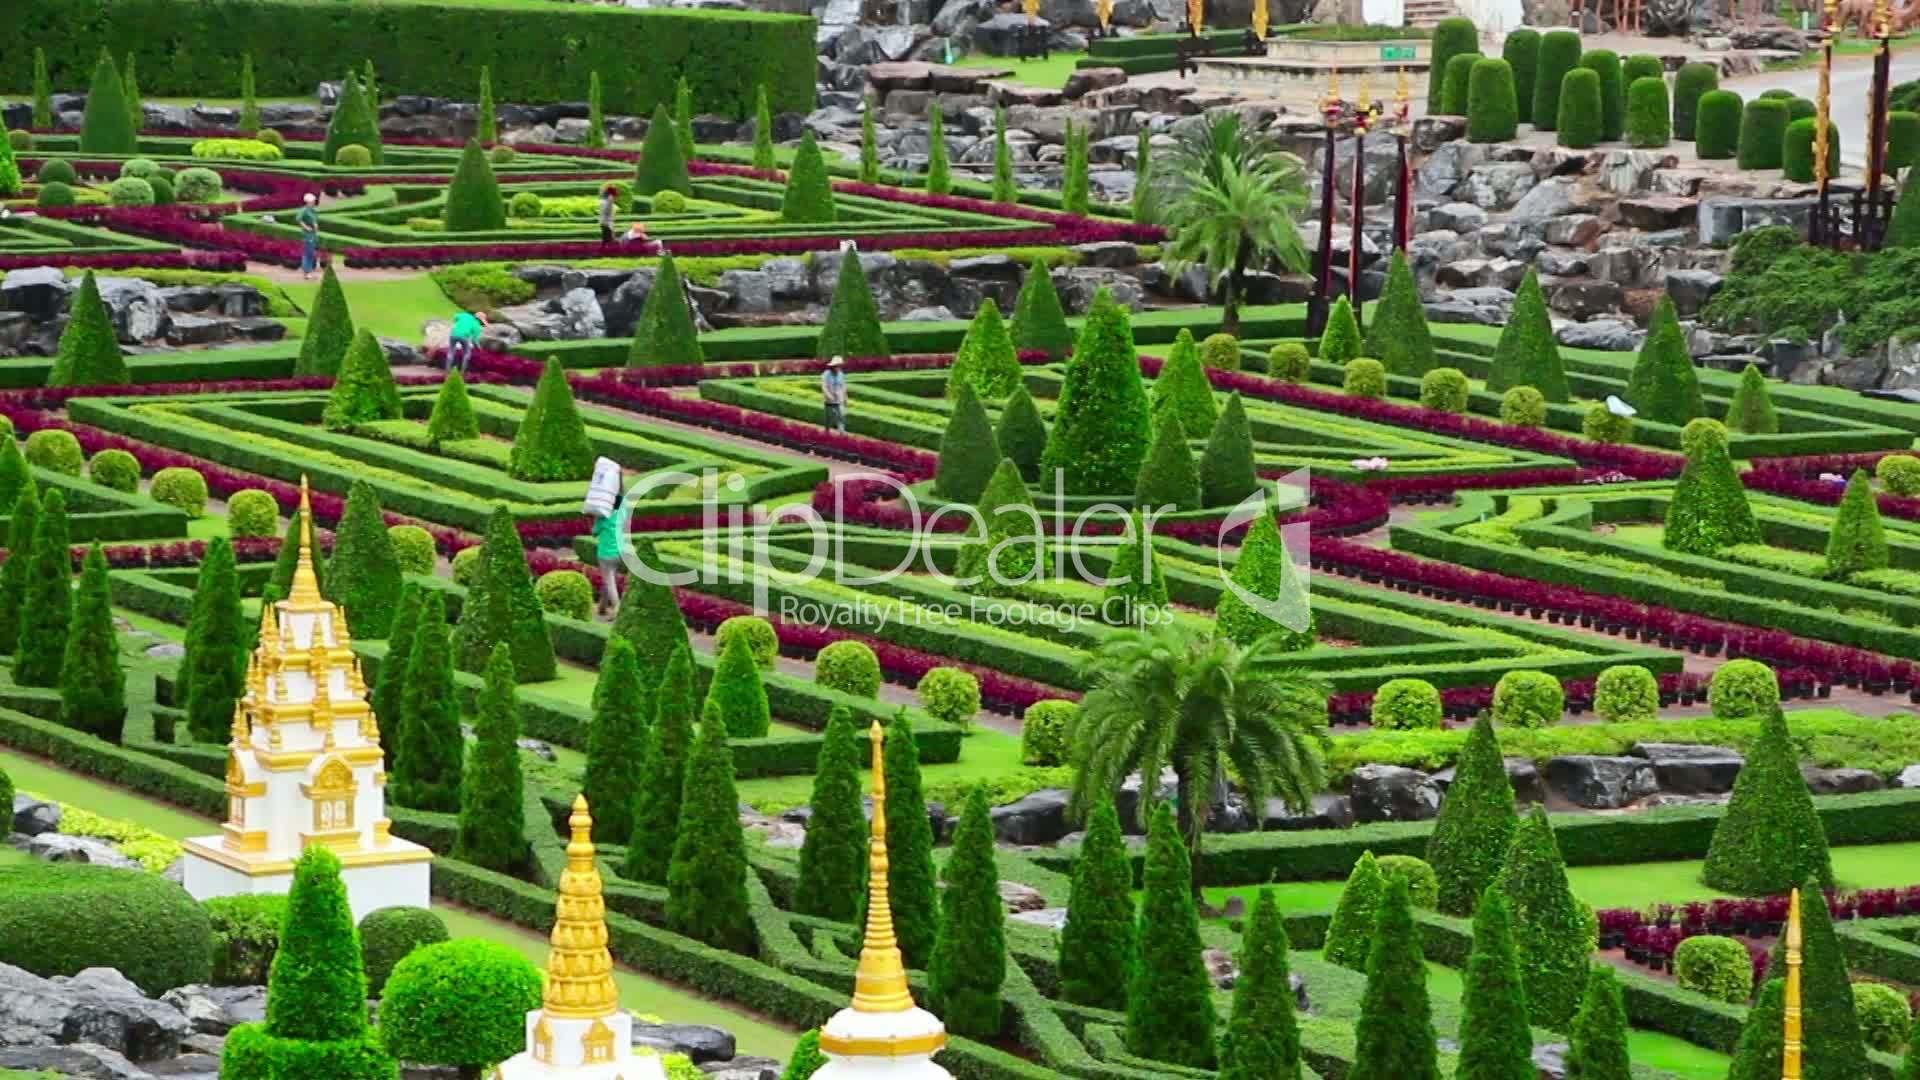 nong nooch tropical botanical garden in thailand royalty free